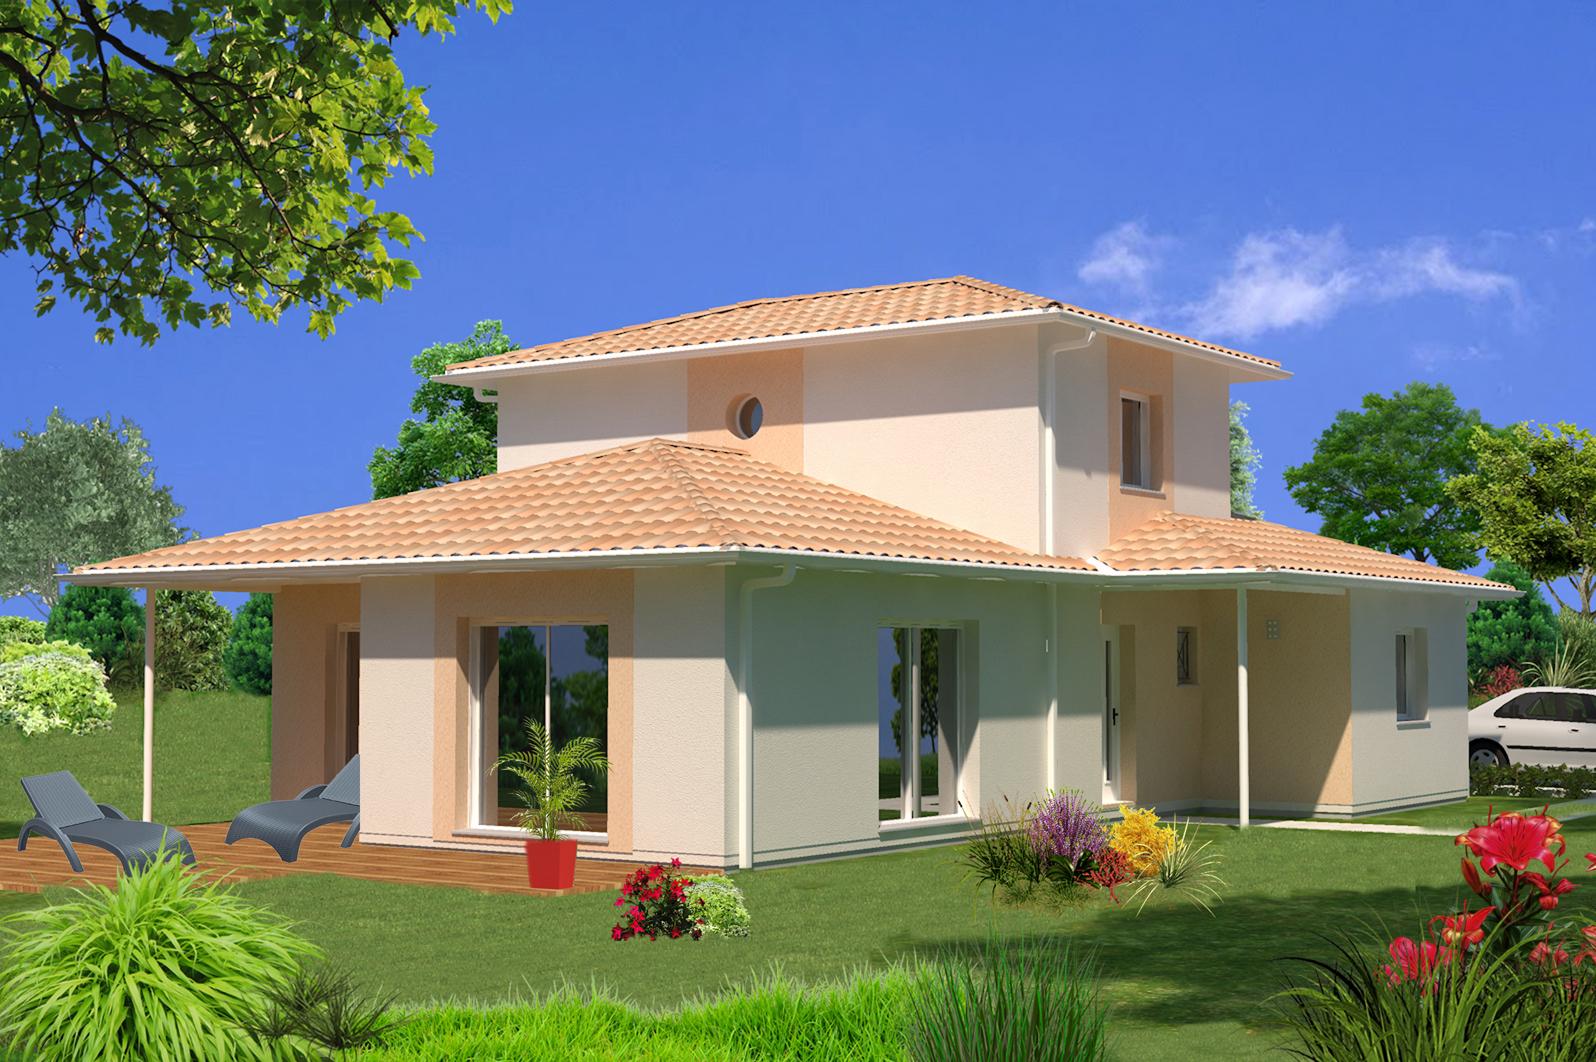 Delphea maisons lara - Maison secondaire cotiere avec vue katch ...